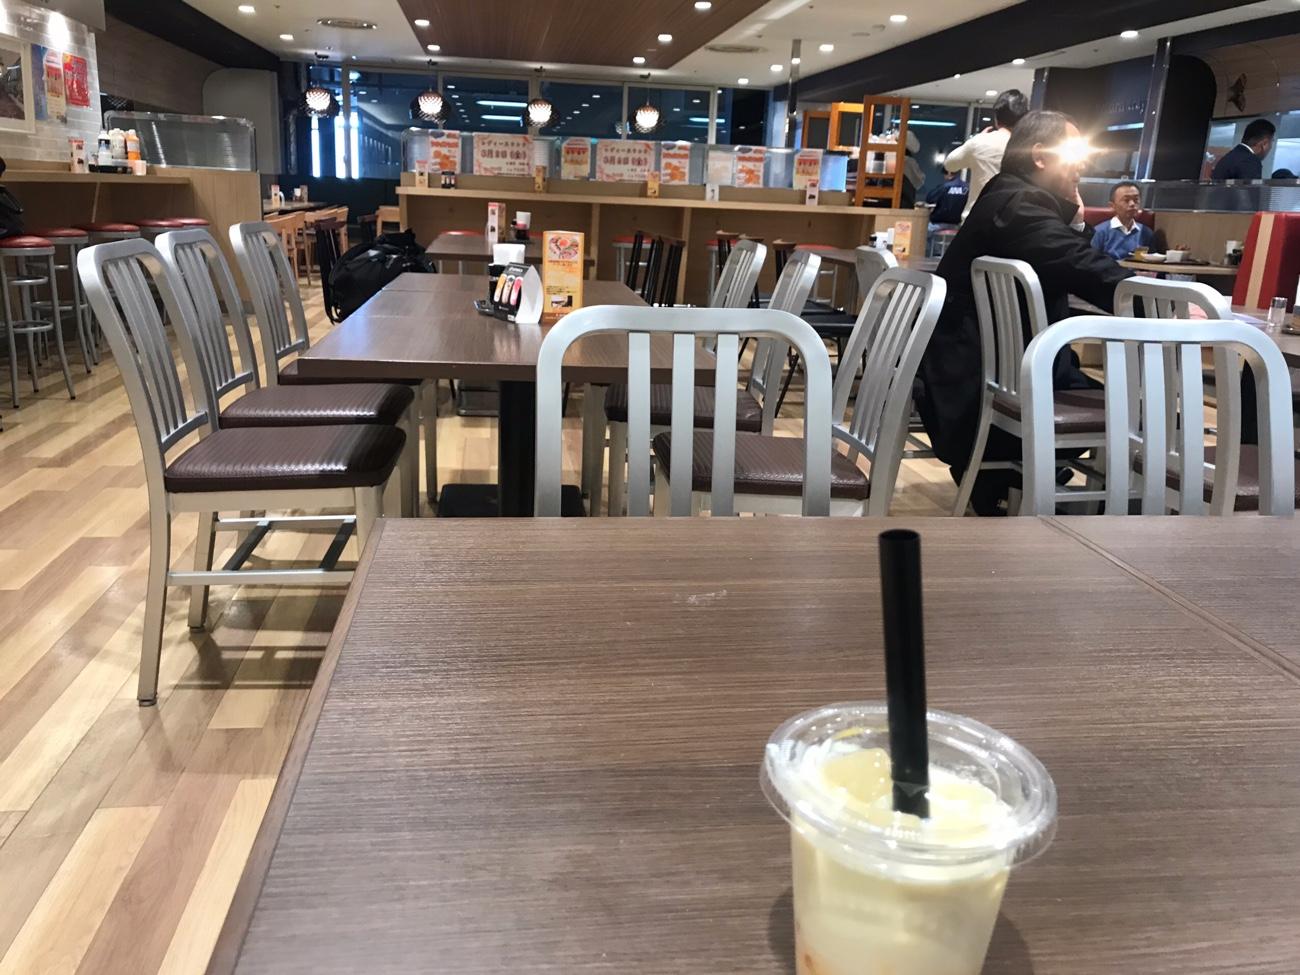 伊丹空港 社員食堂オアシス店内